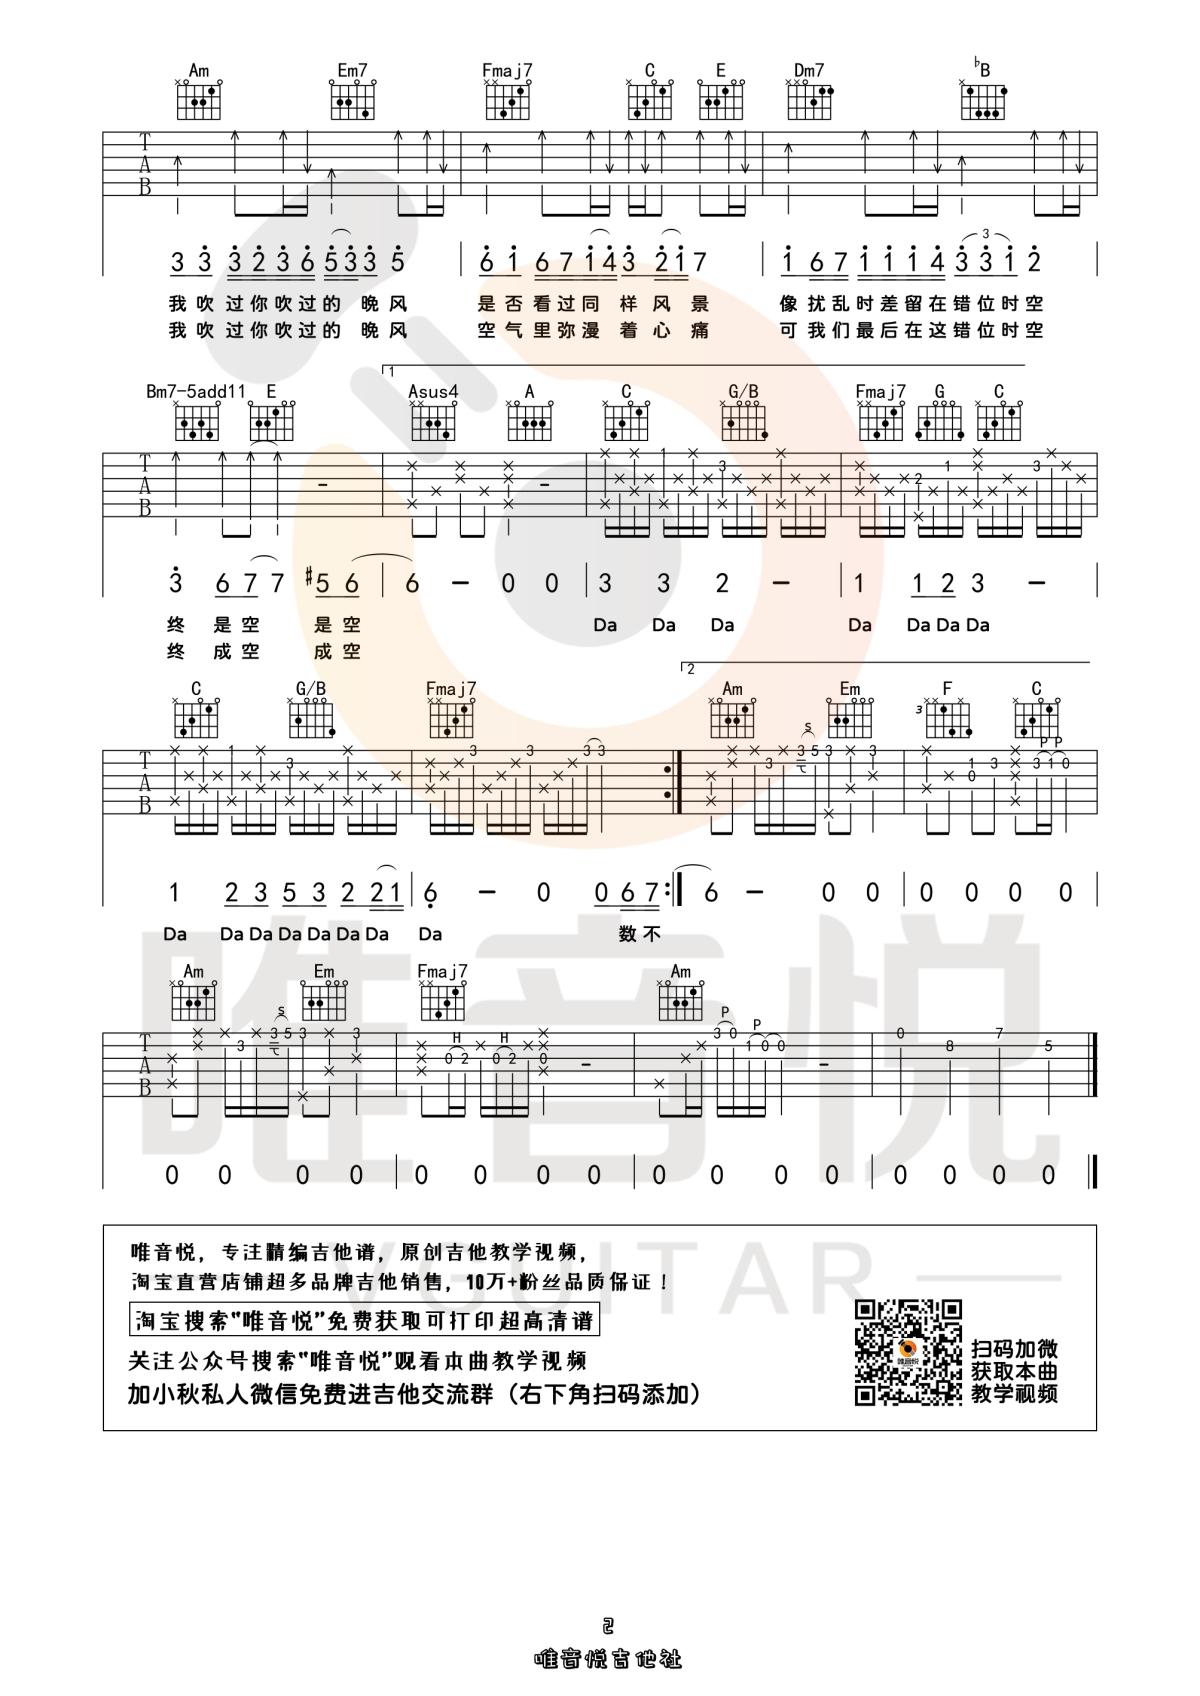 错位时空 (原版简单吉他谱 唯音悦制谱)吉他谱(图片谱,错位时空,吉他谱,原版吉他谱)_艾辰_错位时空02.jpg